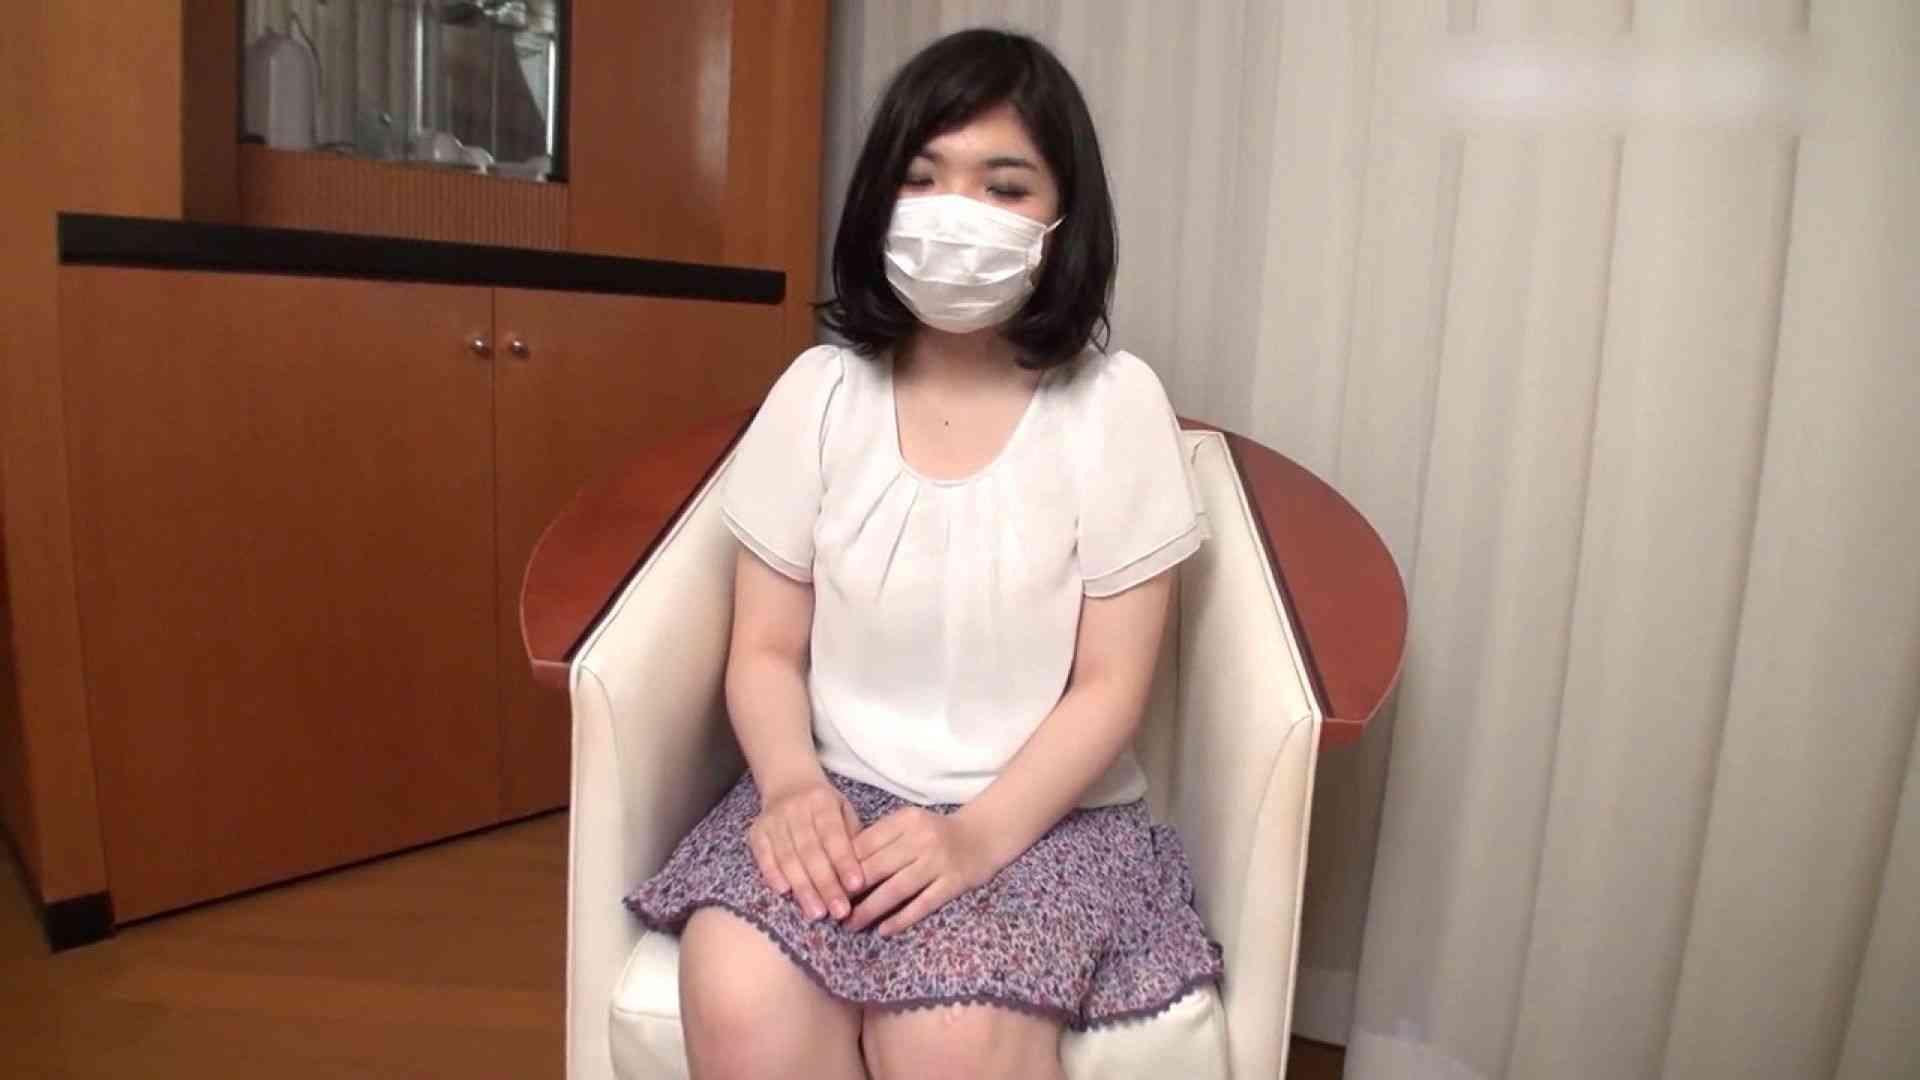 ビッチガールの反逆 Vol.15 前編 シャワー ワレメ無修正動画無料 83pic 23